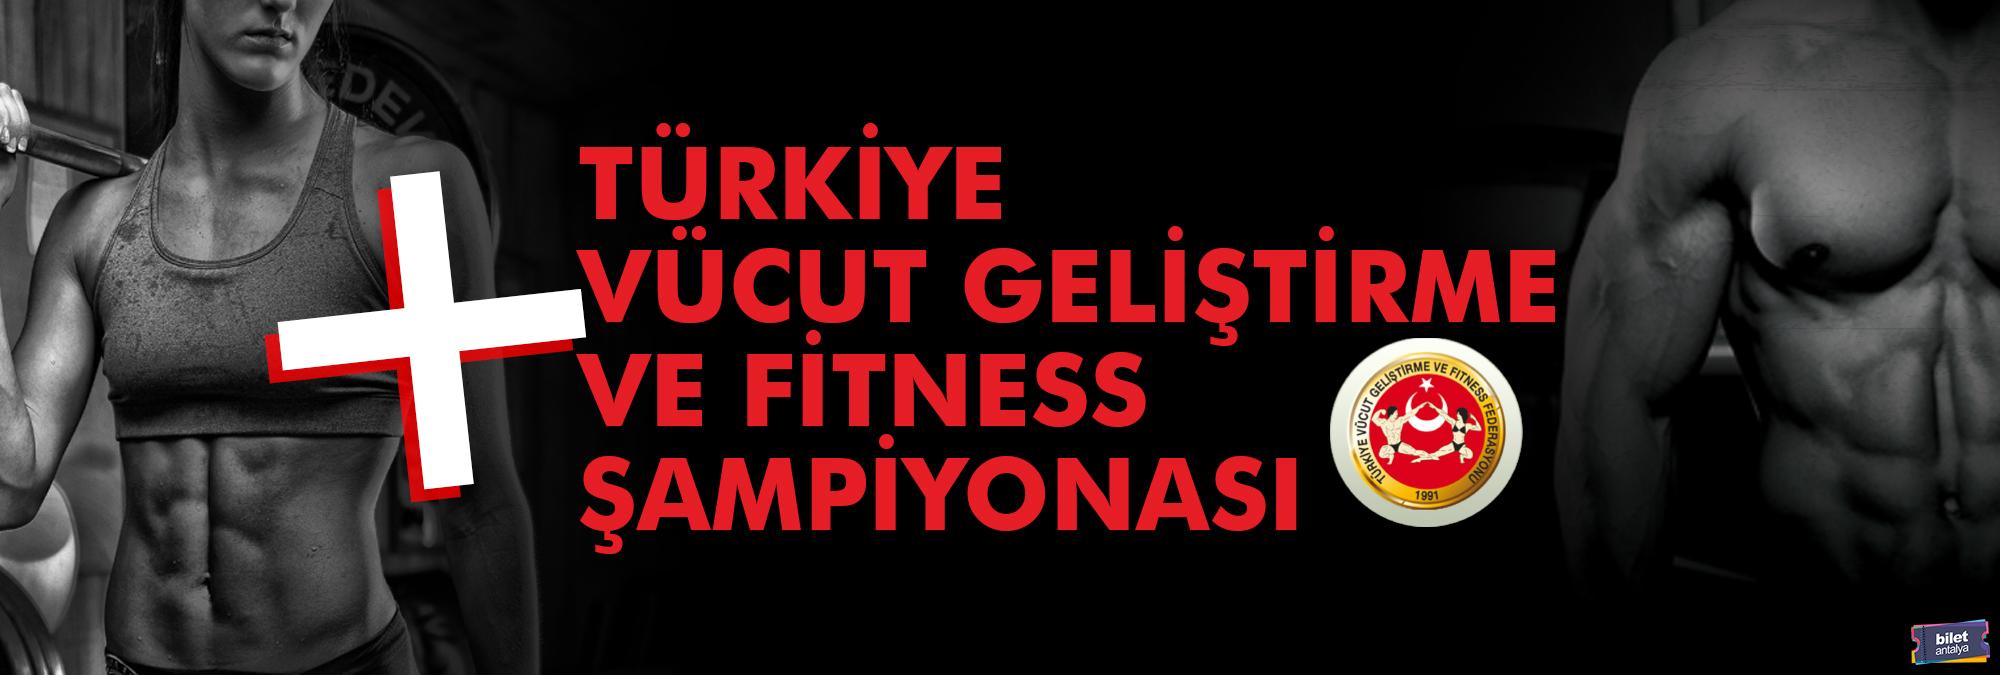 22-26-mart-2019-turkiye-vucut-gelistirme-ve-fitness-sampiyonasi-avrupa-sampiyonasi-milli-takim-secmeleri